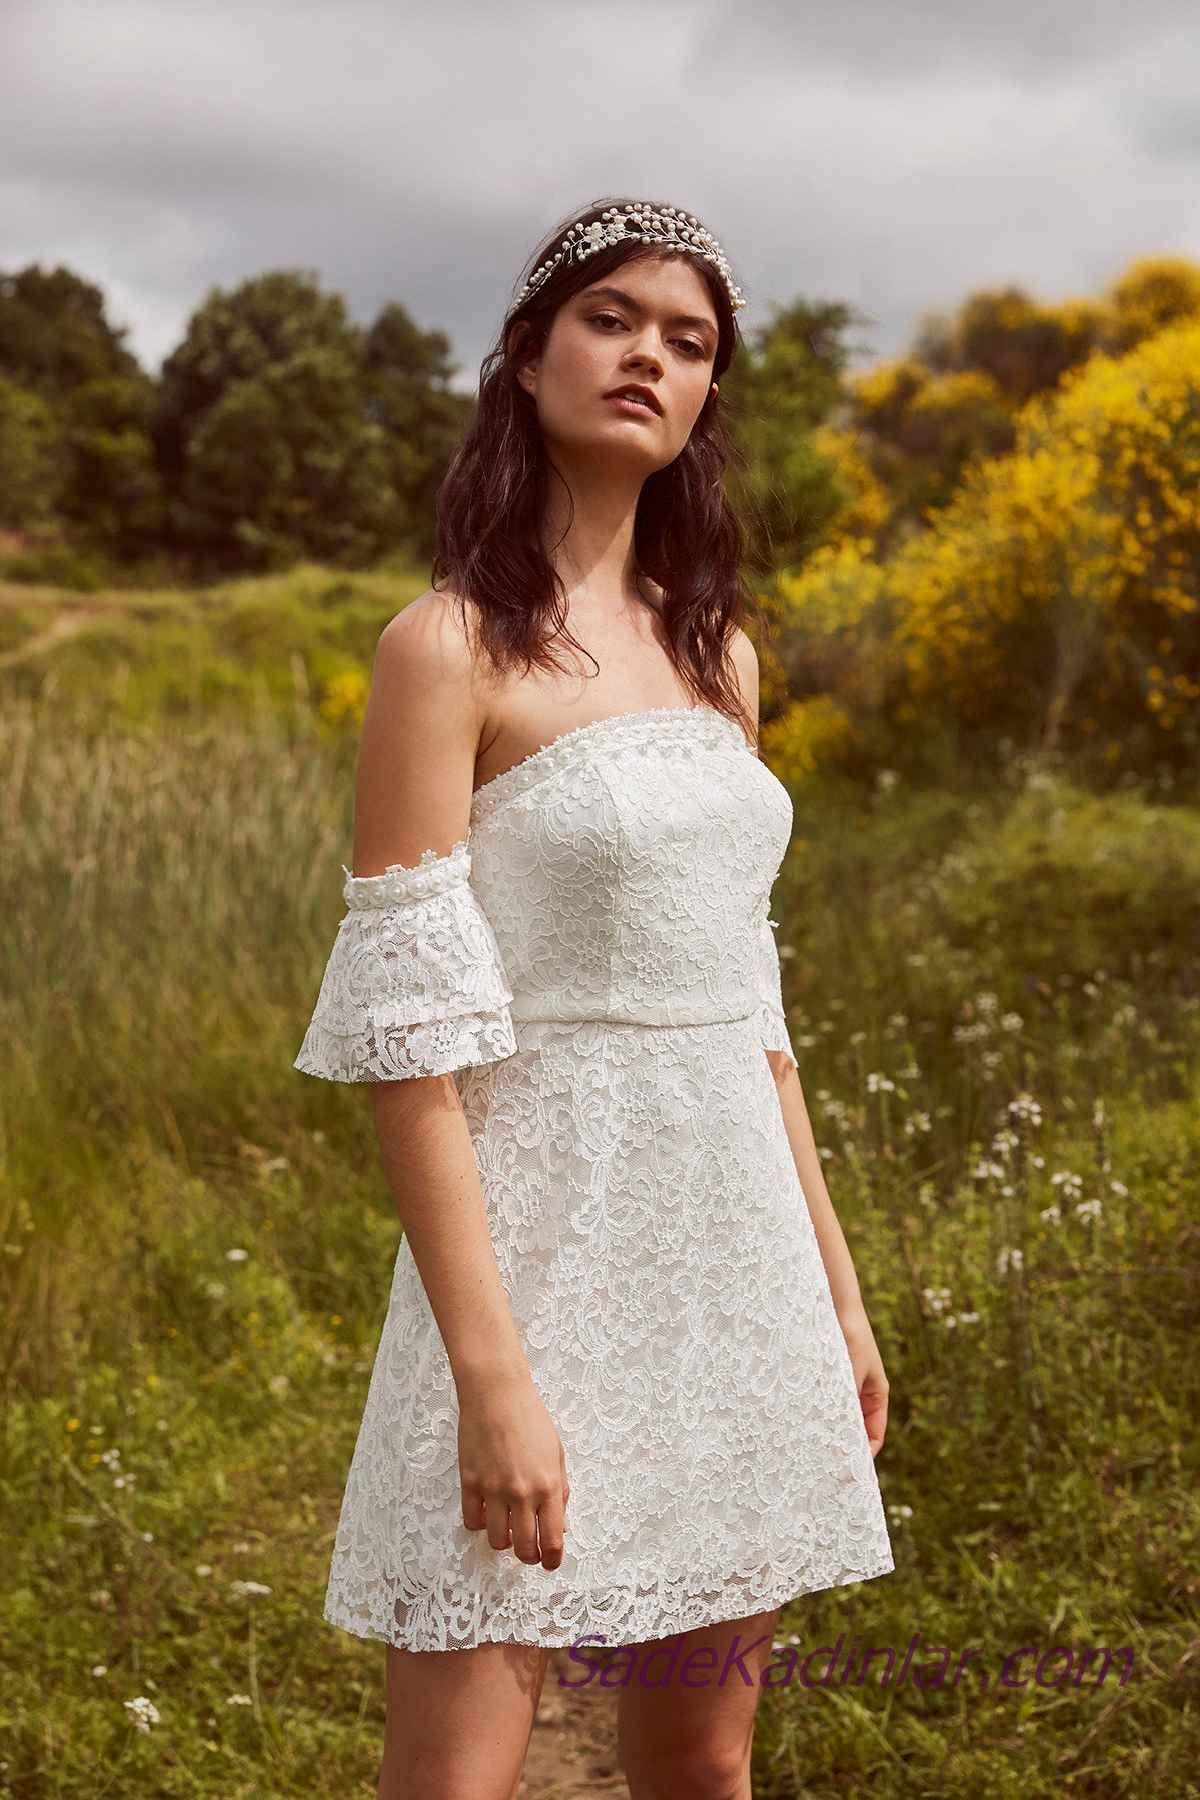 51546d37e767f En Güzel 2019 Beyaz Elbise Modelleri Kısa Omzu Açık Düşük Kol Güpür ...